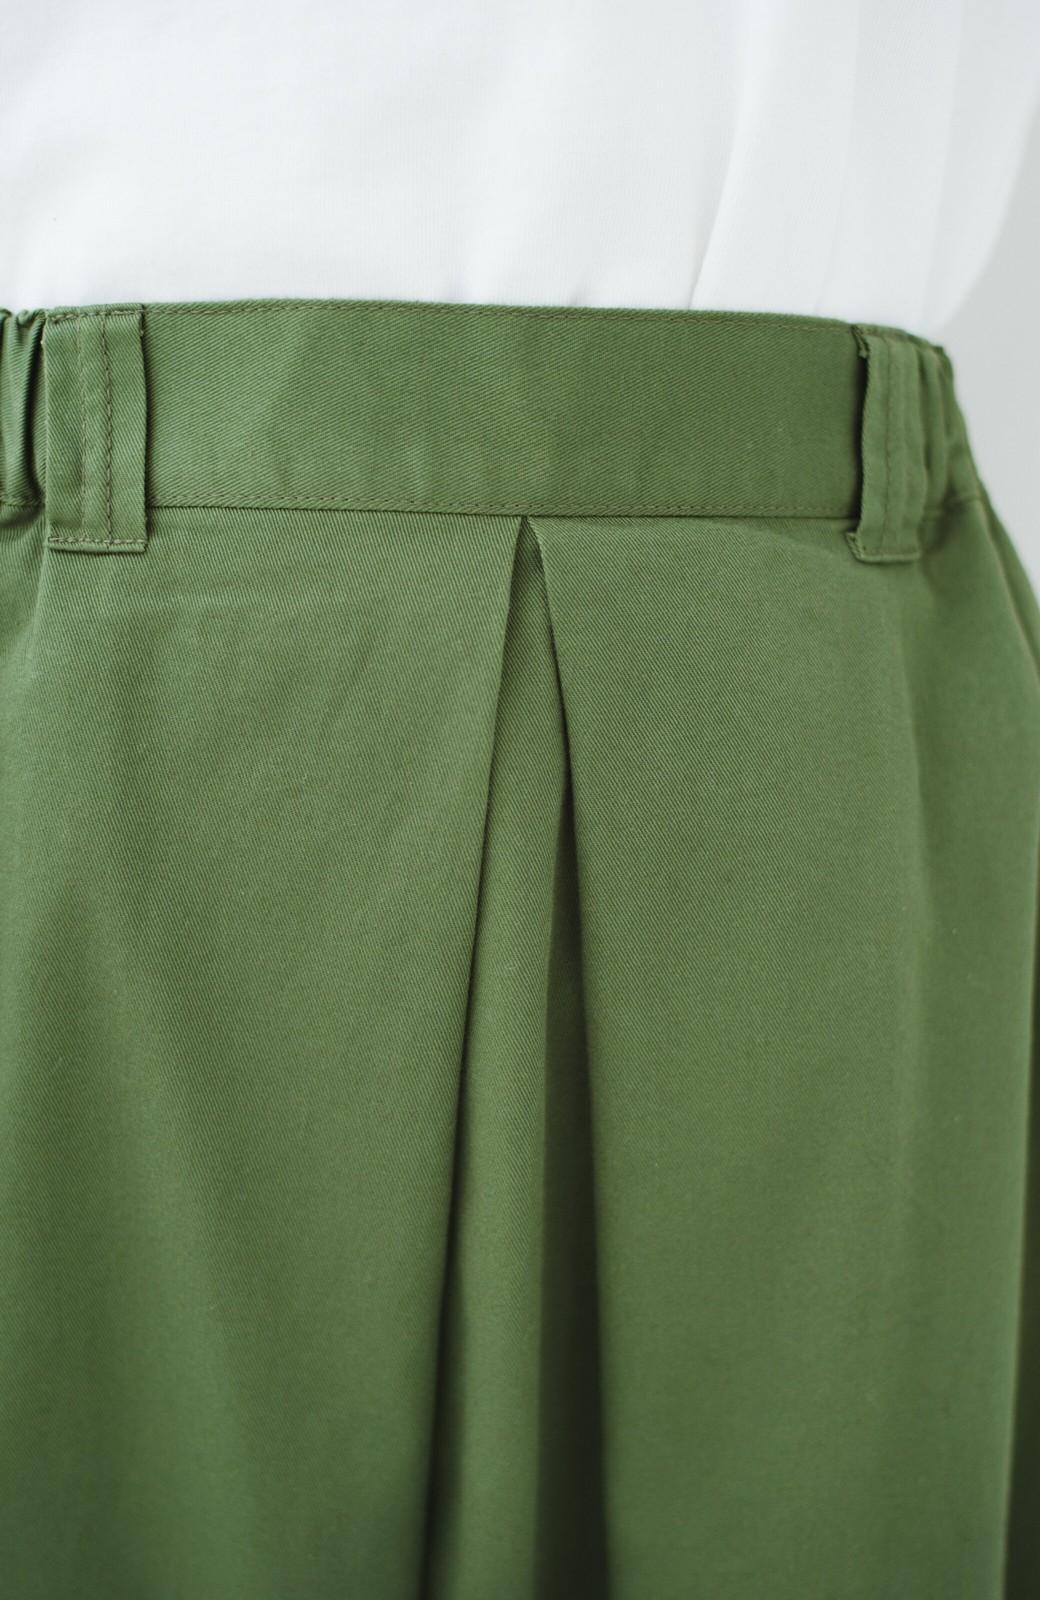 haco! ロングシーズン楽しめる タックボリュームのチノロングスカート <カーキ>の商品写真7